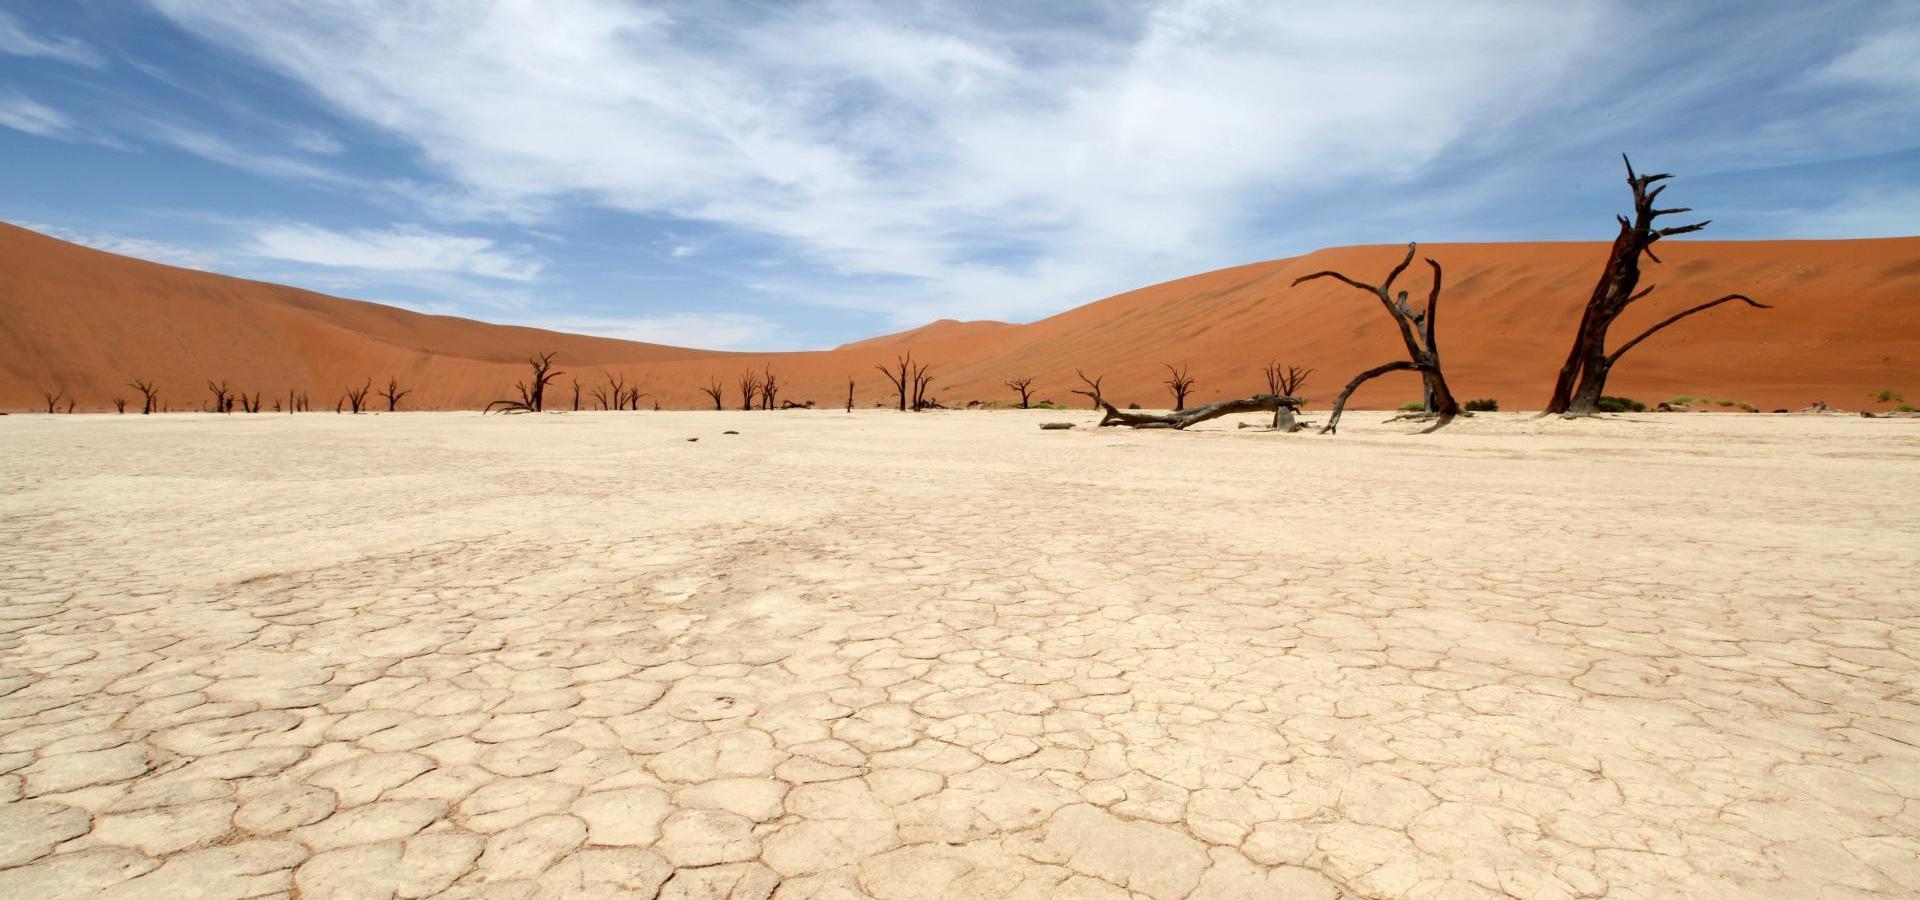 Namib Wüste - Namibia Reisen & Urlaub